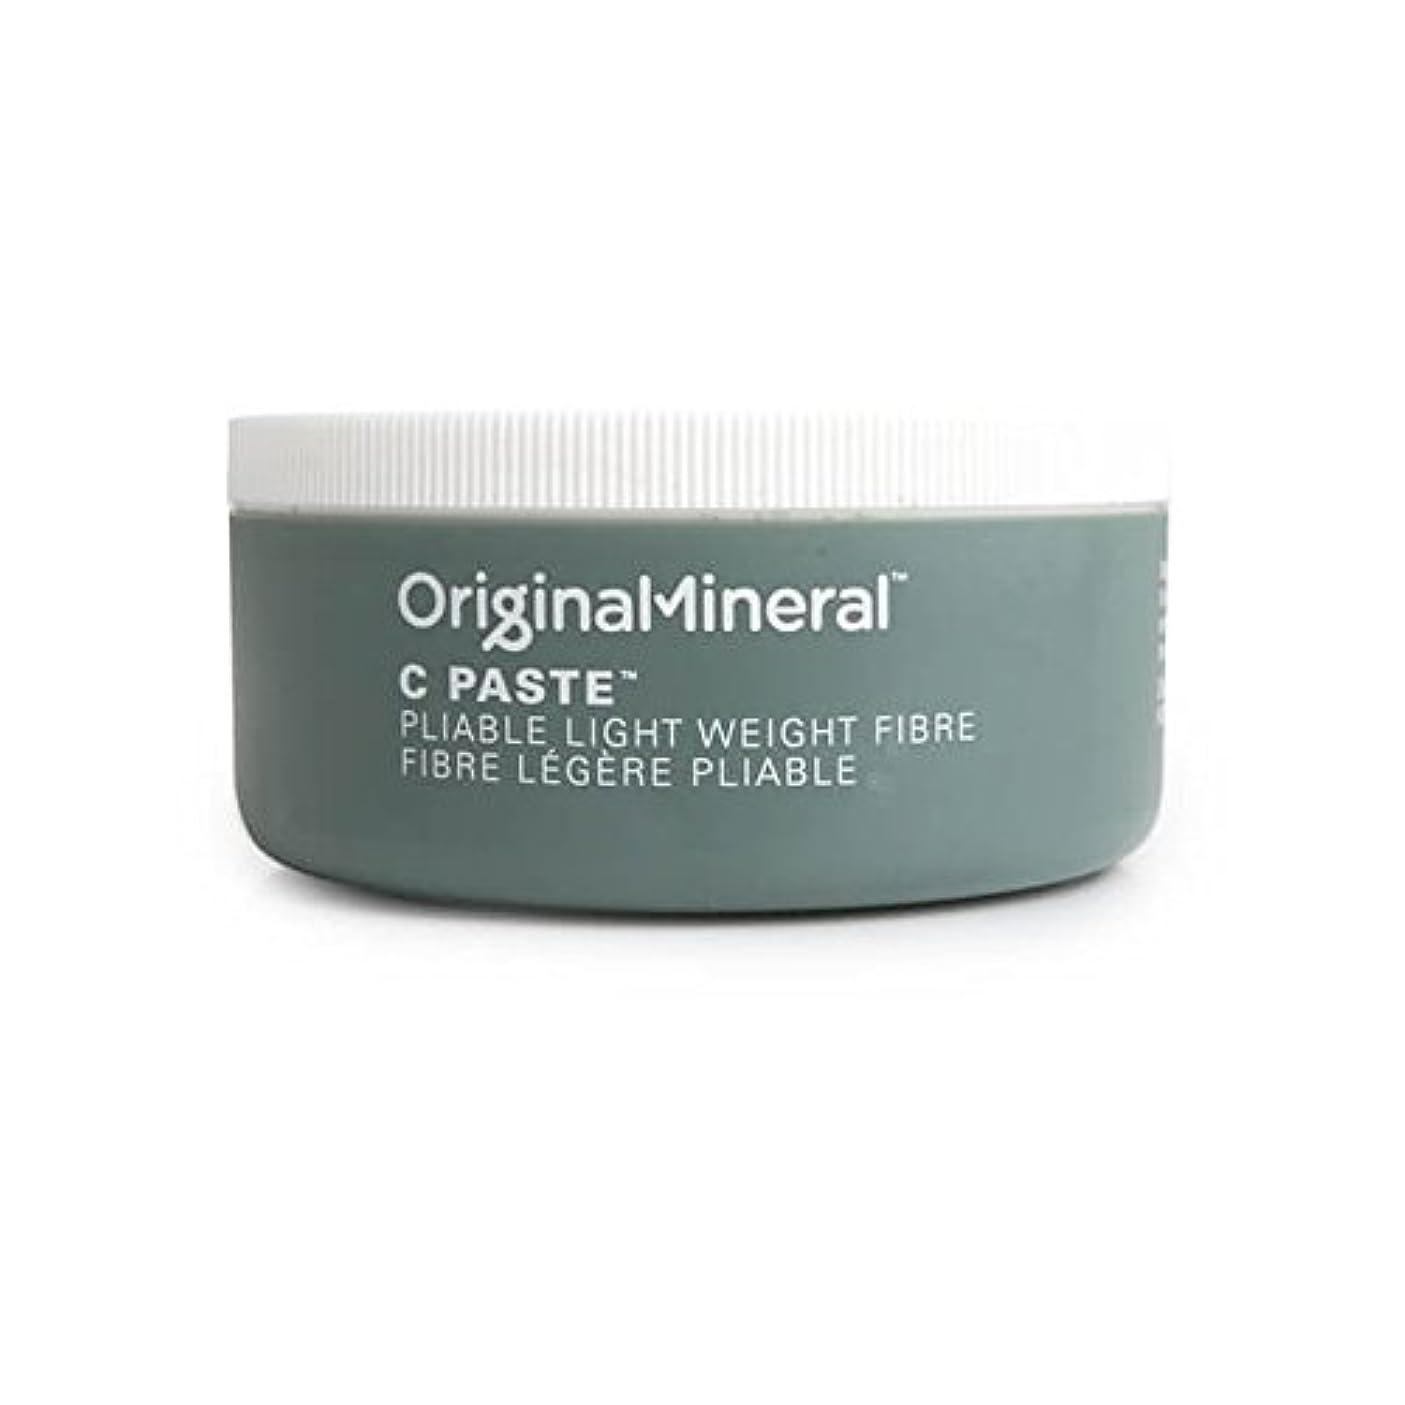 姉妹免除城オリジナル&ミネラルの-ペーストヘアワックス(100グラム) x2 - Original & Mineral C-Paste Hair Wax (100G) (Pack of 2) [並行輸入品]